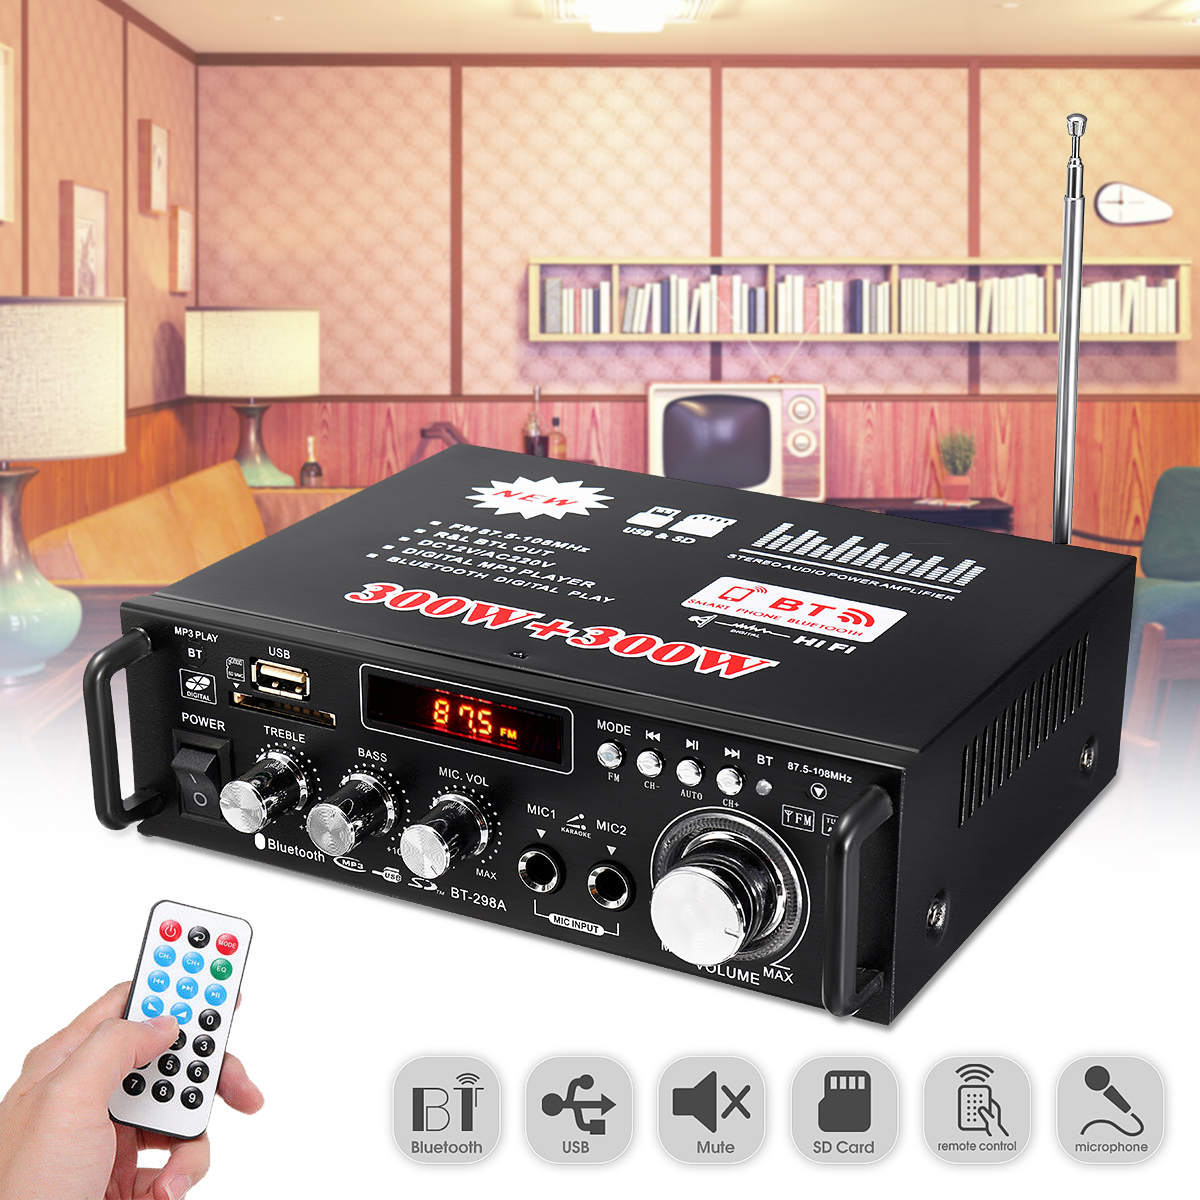 600 Вт 2-канальный Hi-Fi аудио усилитель стерео Bluetooth Мощность усилители 12 В/220 В автомобиля Проекторы для домашнего кинотеатра музыкальный плее...